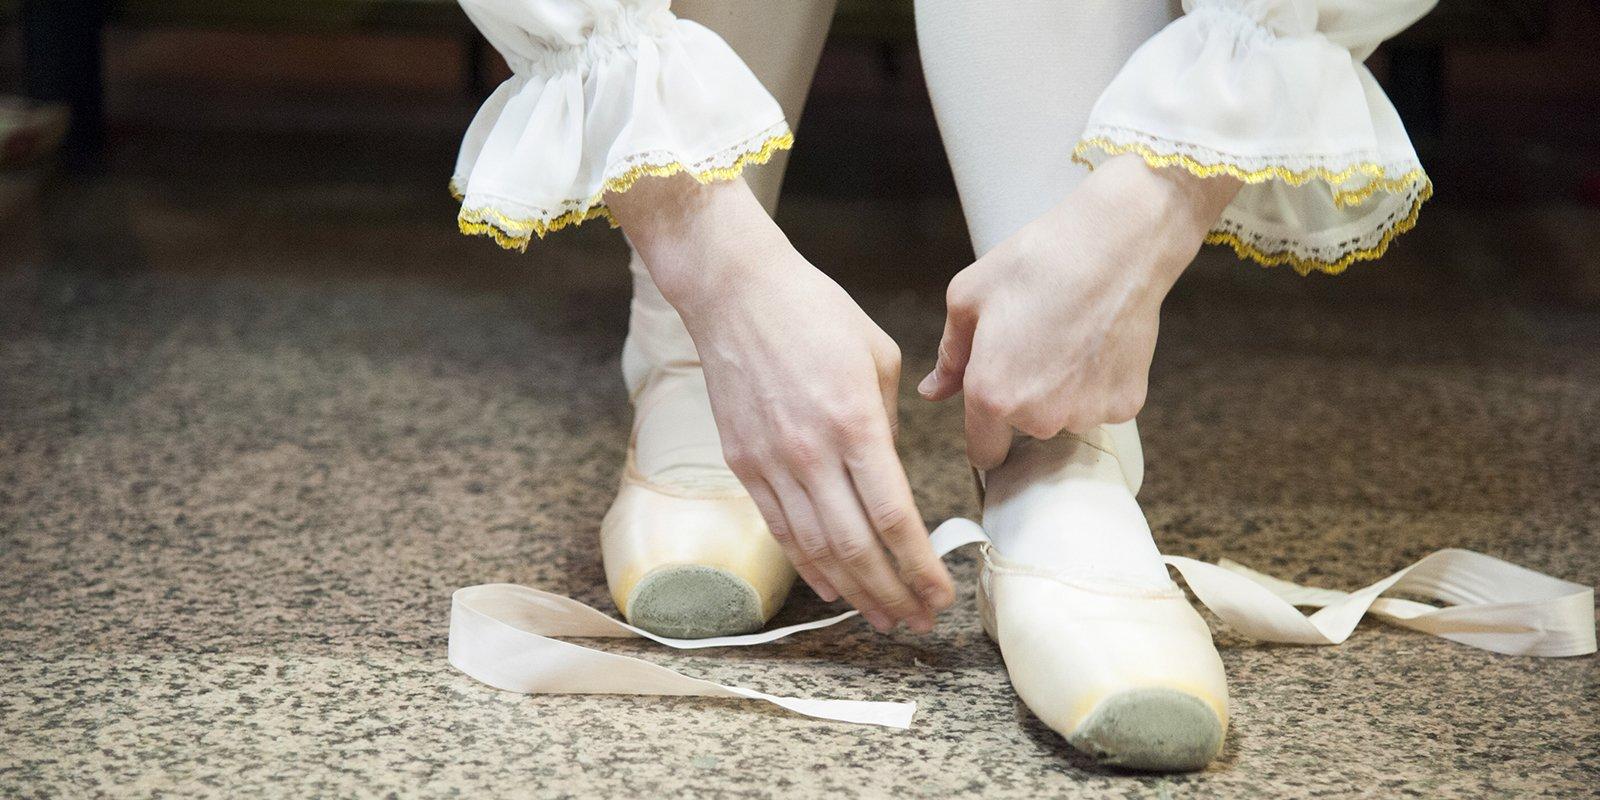 Сотрудники Культурного центра поселения Киевский завершили неделю мероприятий о балете. Фото: официальный сайт мэра Москвы